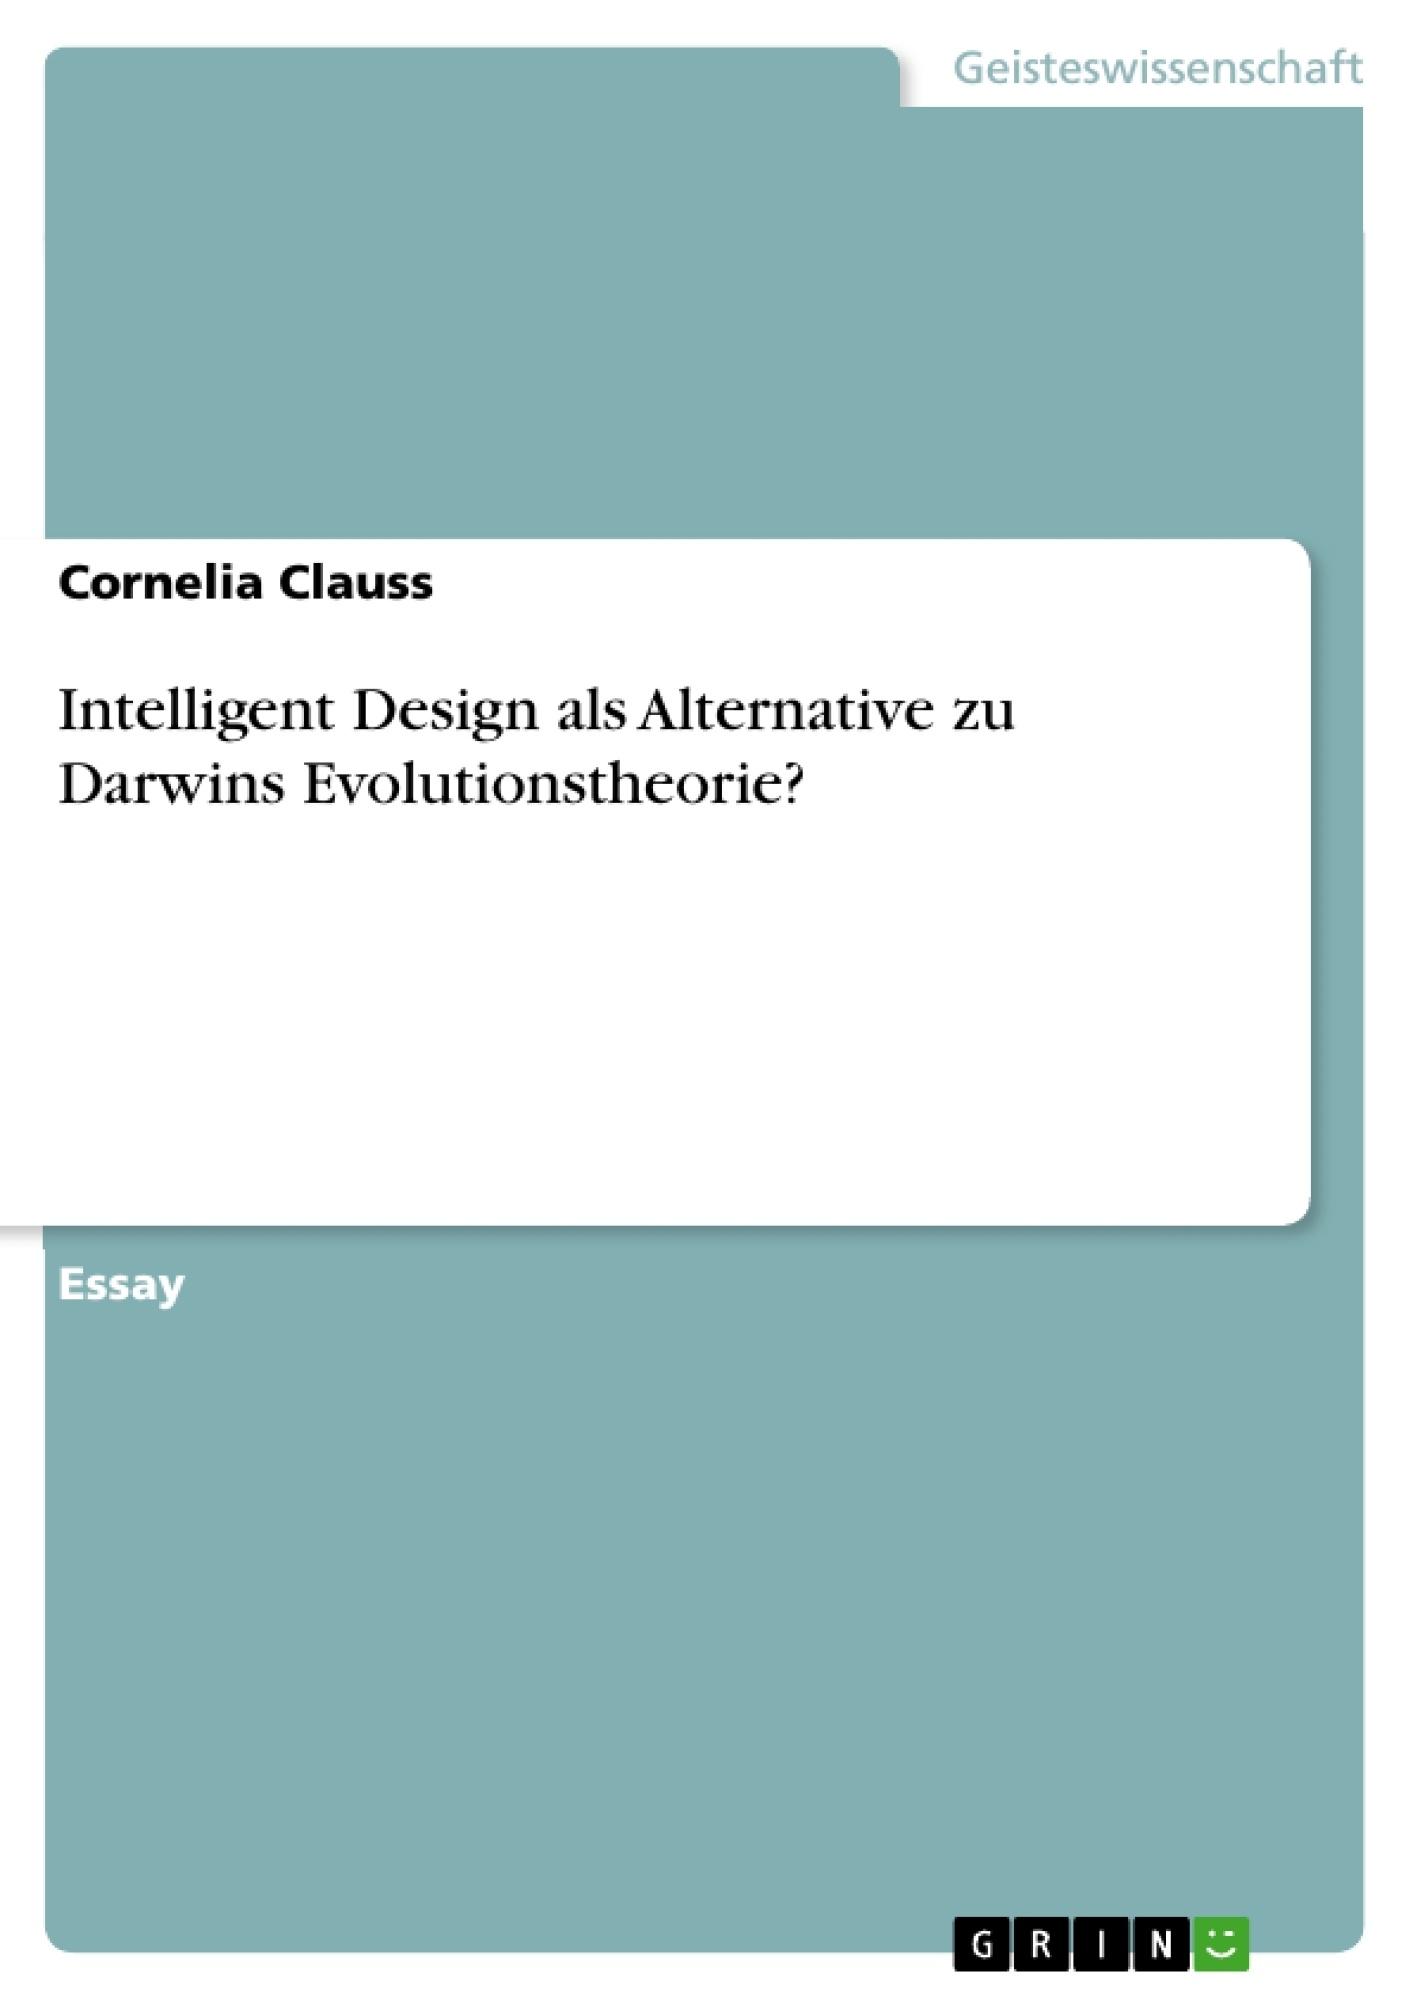 Titel: Intelligent Design als Alternative zu Darwins Evolutionstheorie?